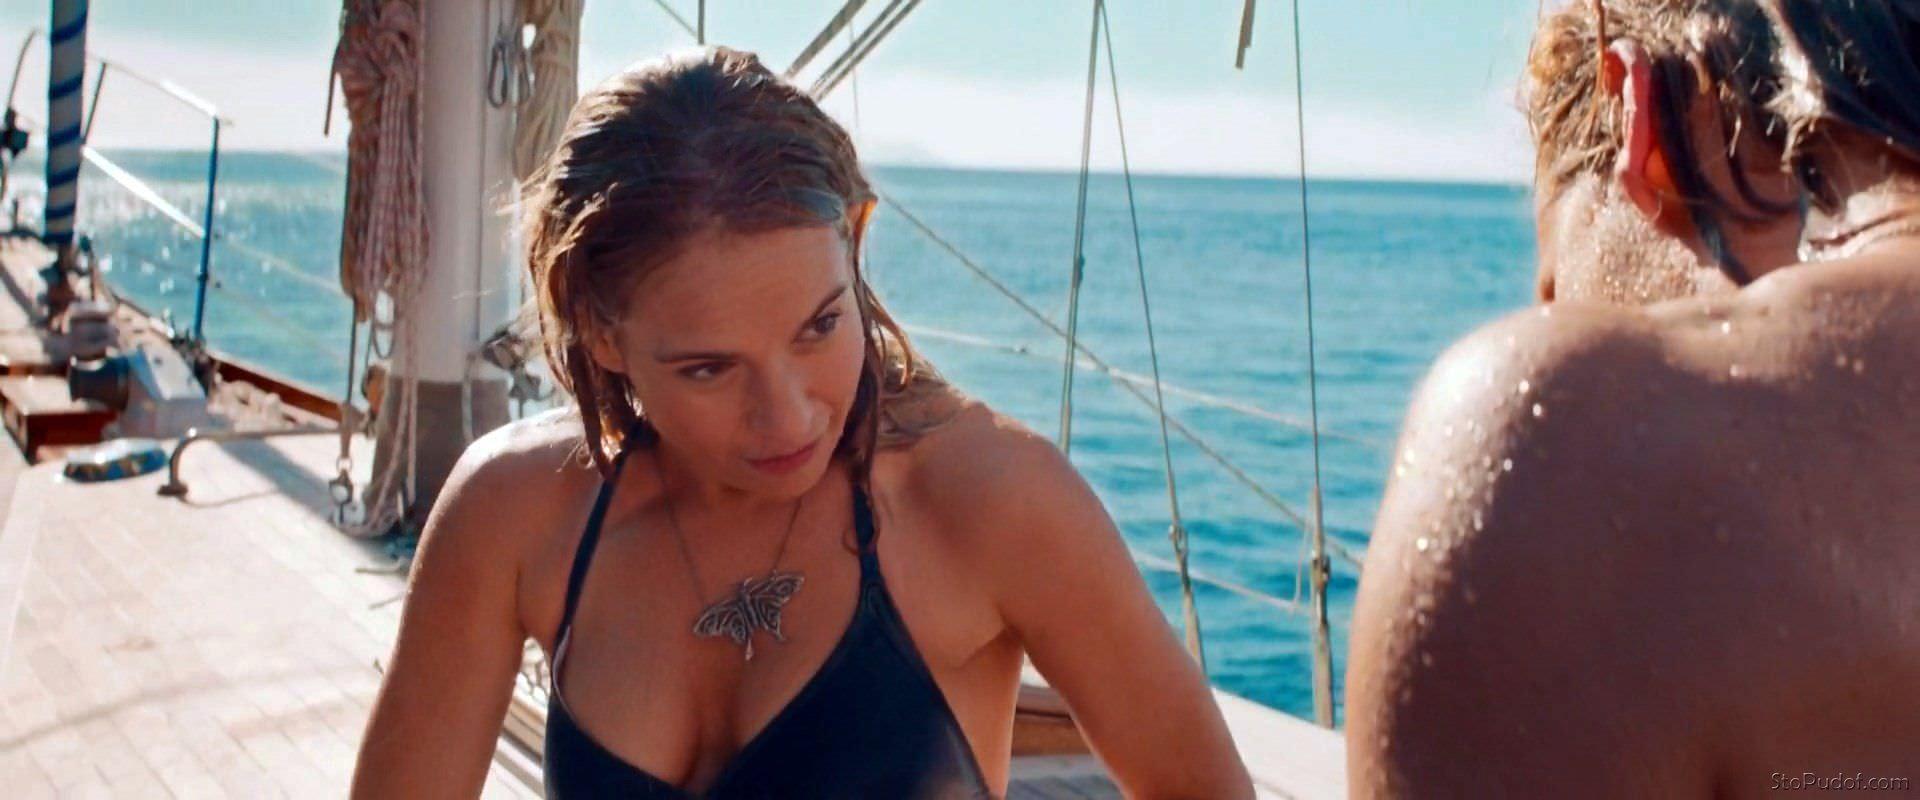 Лили Джеймс фото на яхте